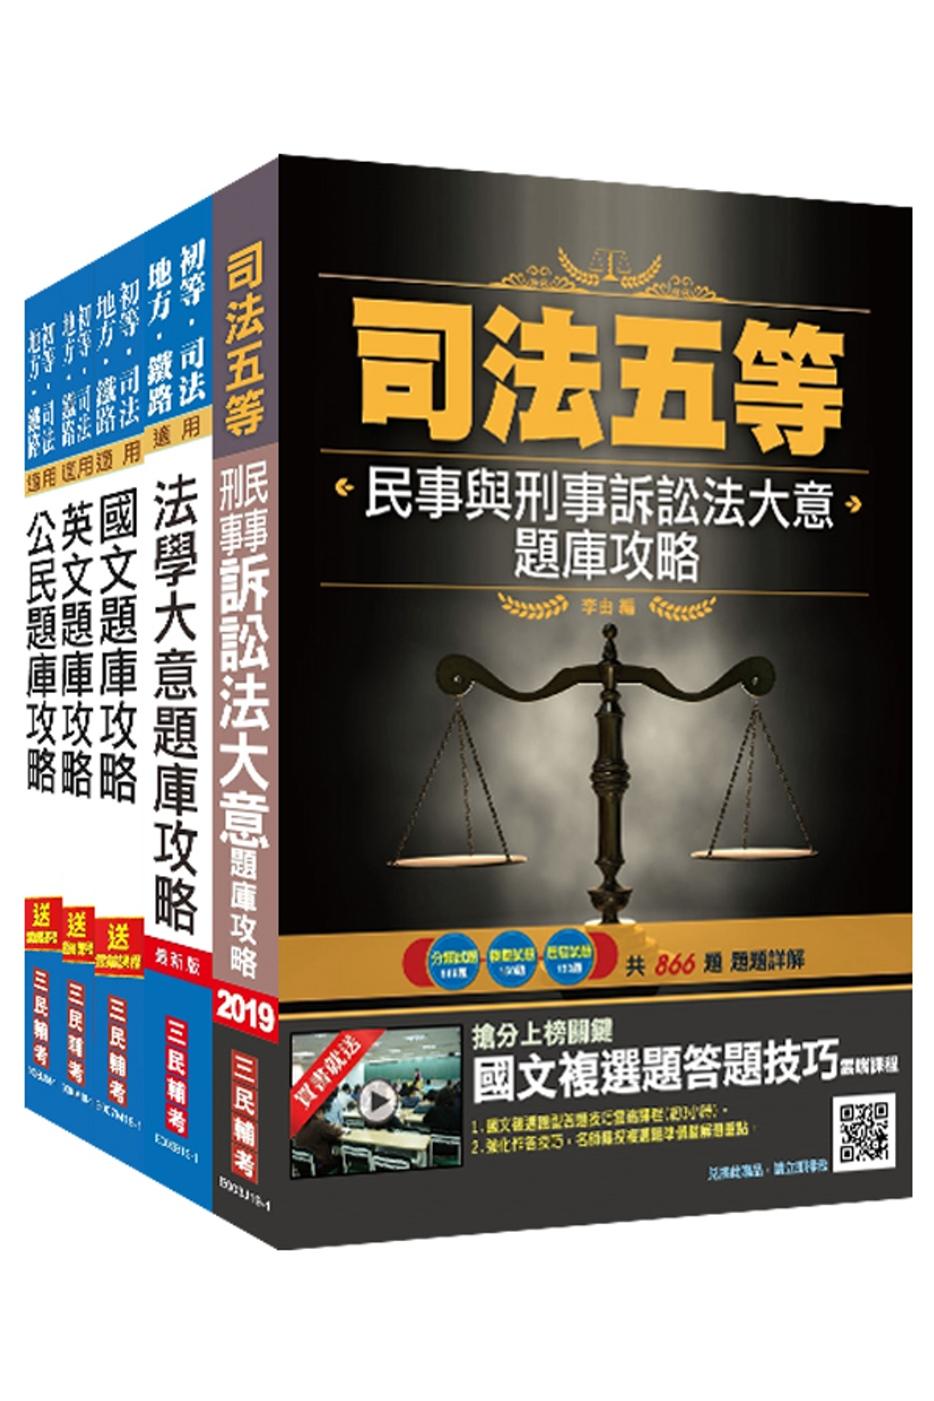 司法五等[錄事]題庫攻略套書(贈民事與刑事訴訟法搶分小法典)